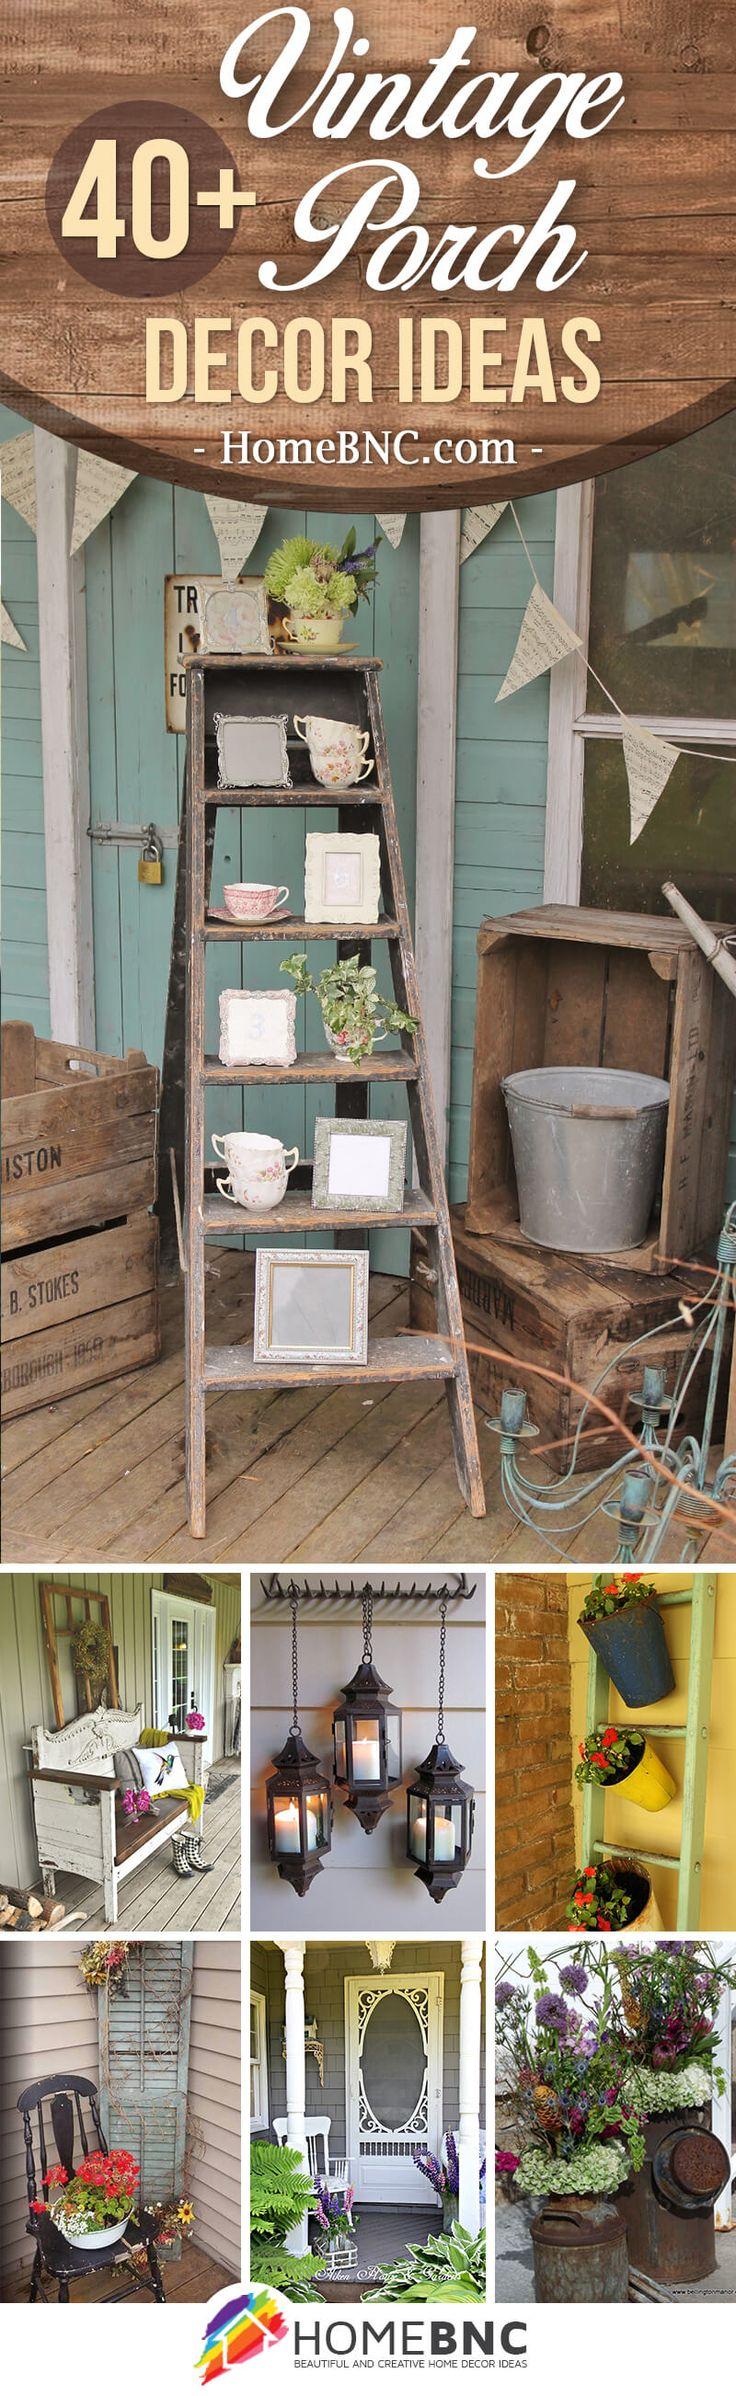 40 rustic vintage porch decor ideas to bring warmth to your homeu0027s exterior vintage porch designs